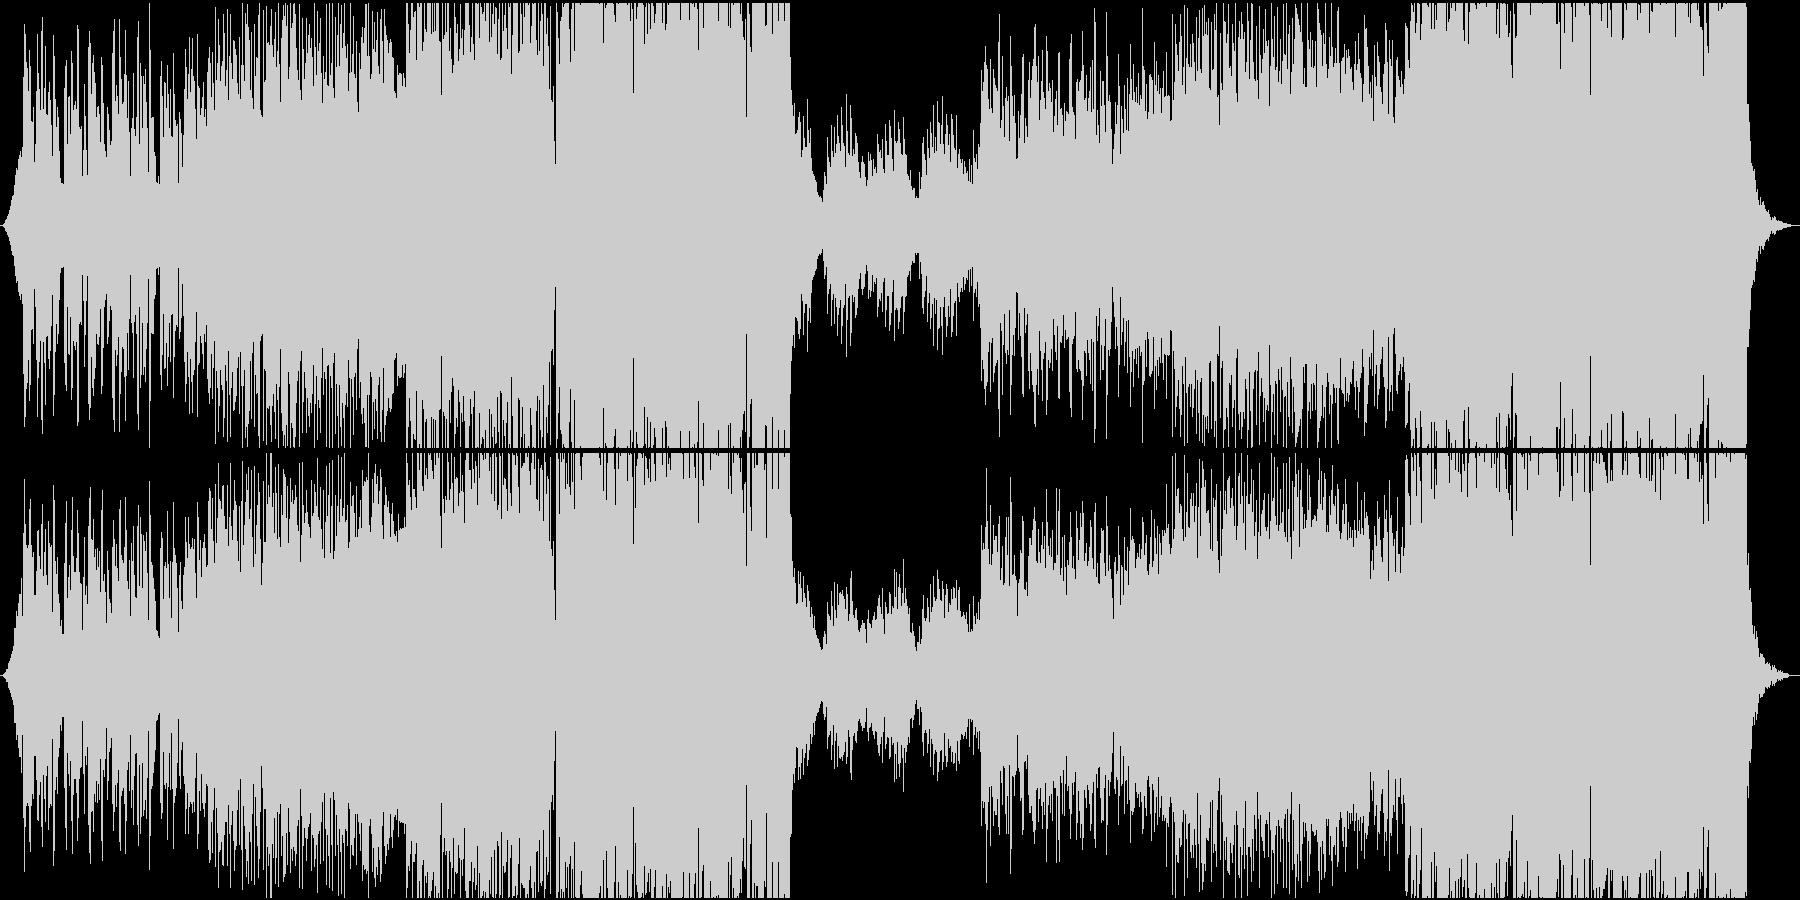 海外風 女性ボーカル付ピアノHOUSEの未再生の波形